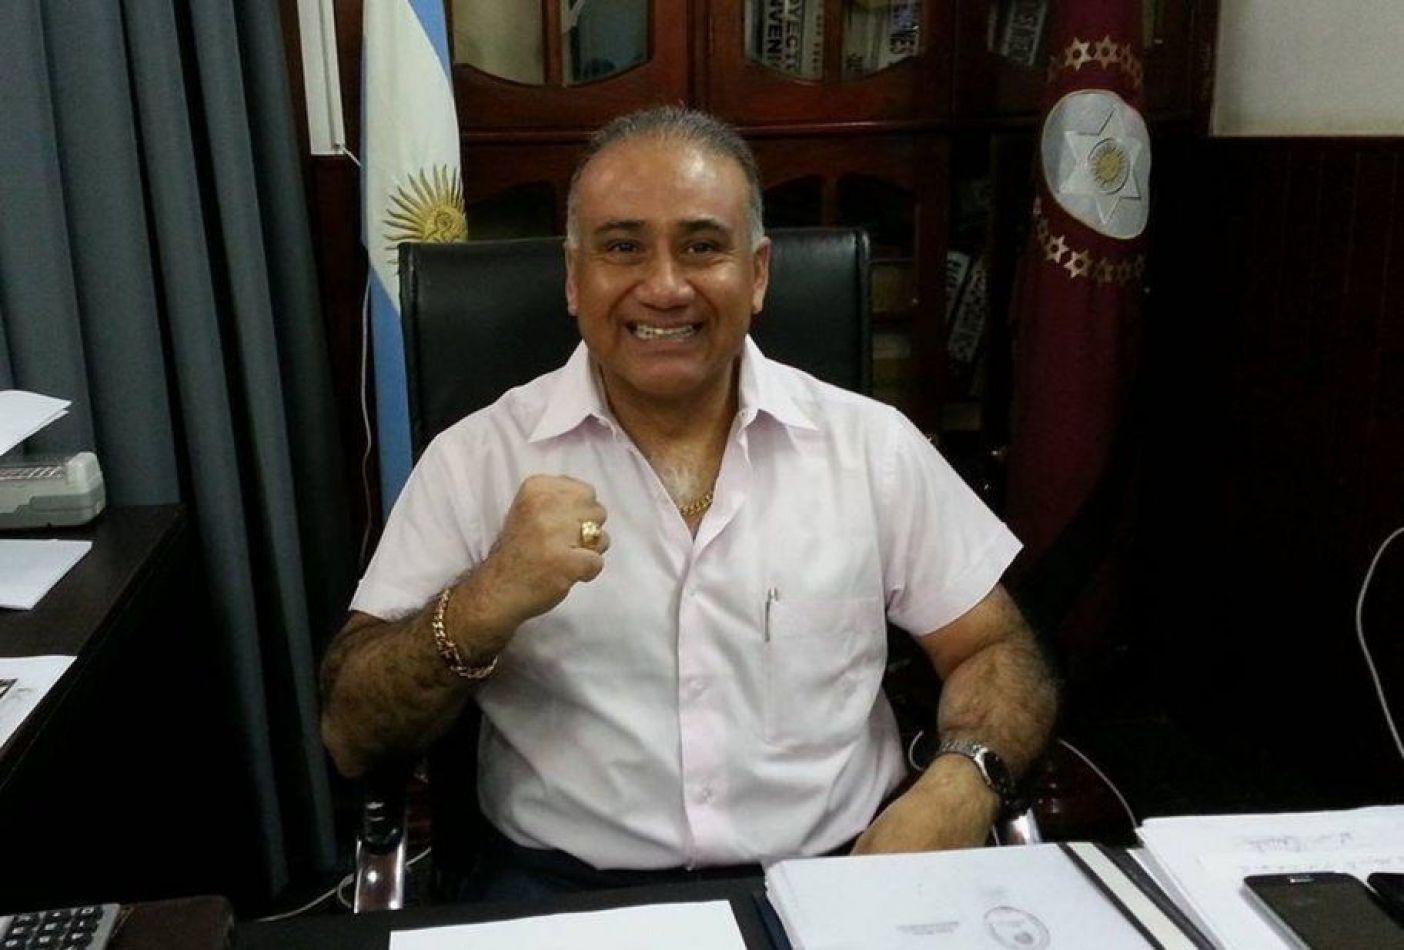 Escándalo en el norte: imputan al intendente de Salvador Mazza por malversar fondos públicos y otros delitos